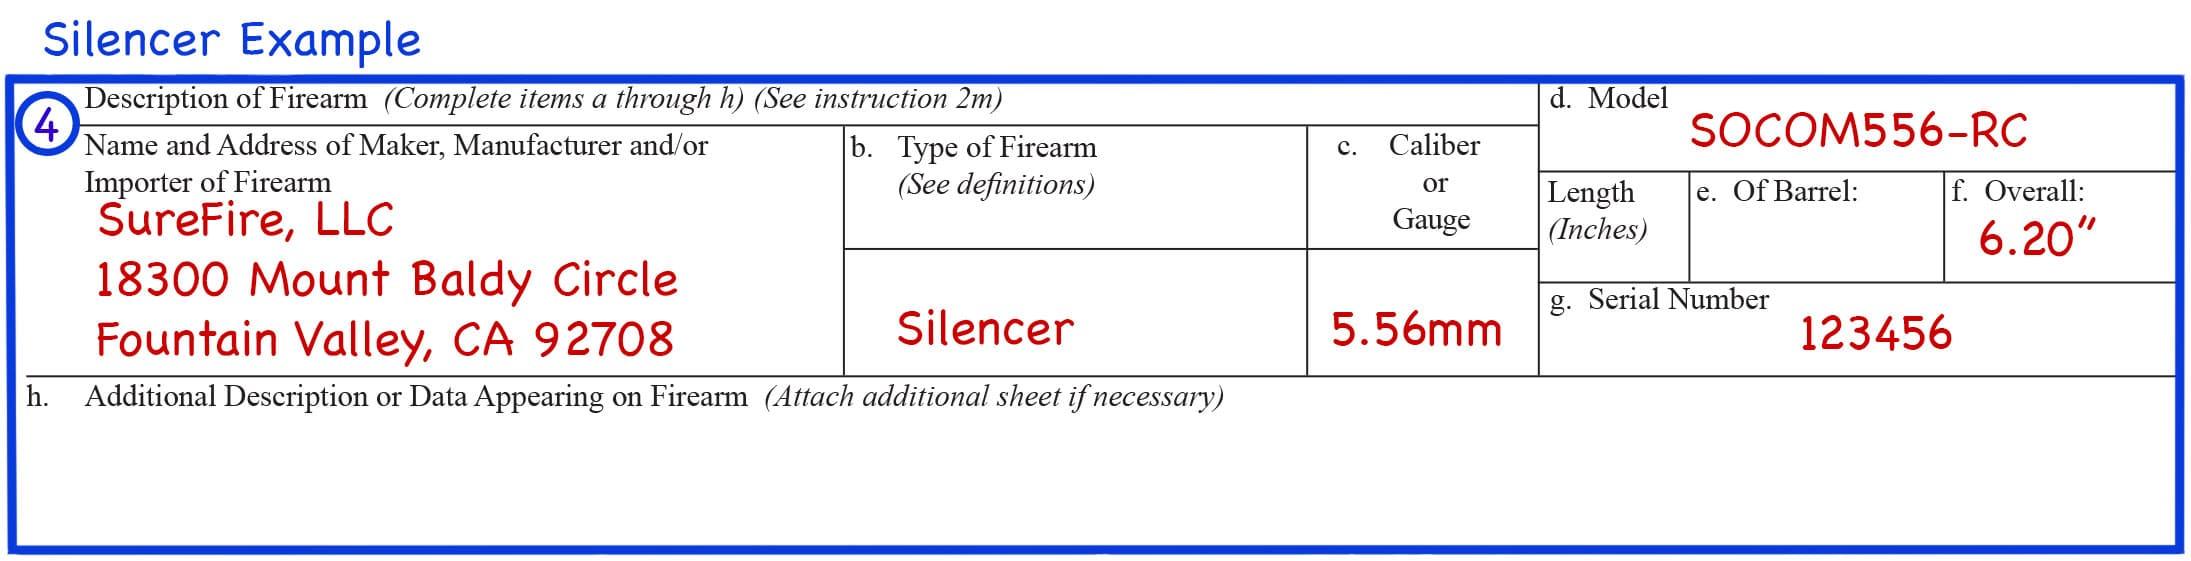 Form 4 Box 4 Silencer